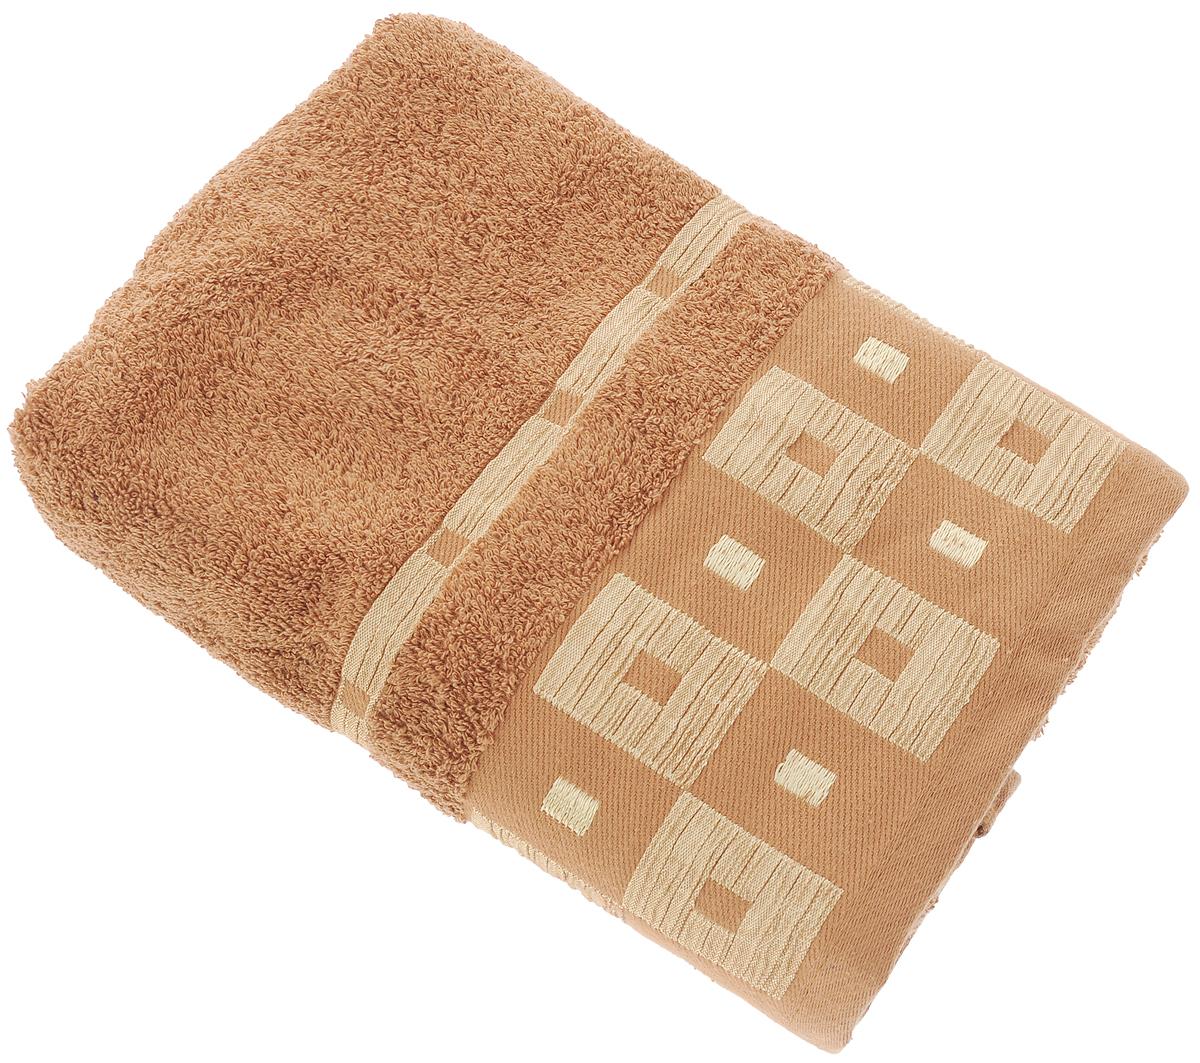 Полотенце Aisha Home Textile, цвет: коричневый, 70 х 140 смУзТ-ПМ-114-09-20кМахровые полотенца AISHA Home Textile идеальное сочетание цены и качества. Полотенца упакованы в стильную подарочную коробку. В состав входит только натуральное волокно - хлопок. Лаконичные бордюры подойдут для любого интерьера ванной комнаты. Полотенца прекрасно впитывает влагу и быстро сохнут. При соблюдении рекомендаций по уходу не линяют и не теряют форму даже после многократных стирок. Состав: 100% хлопок.